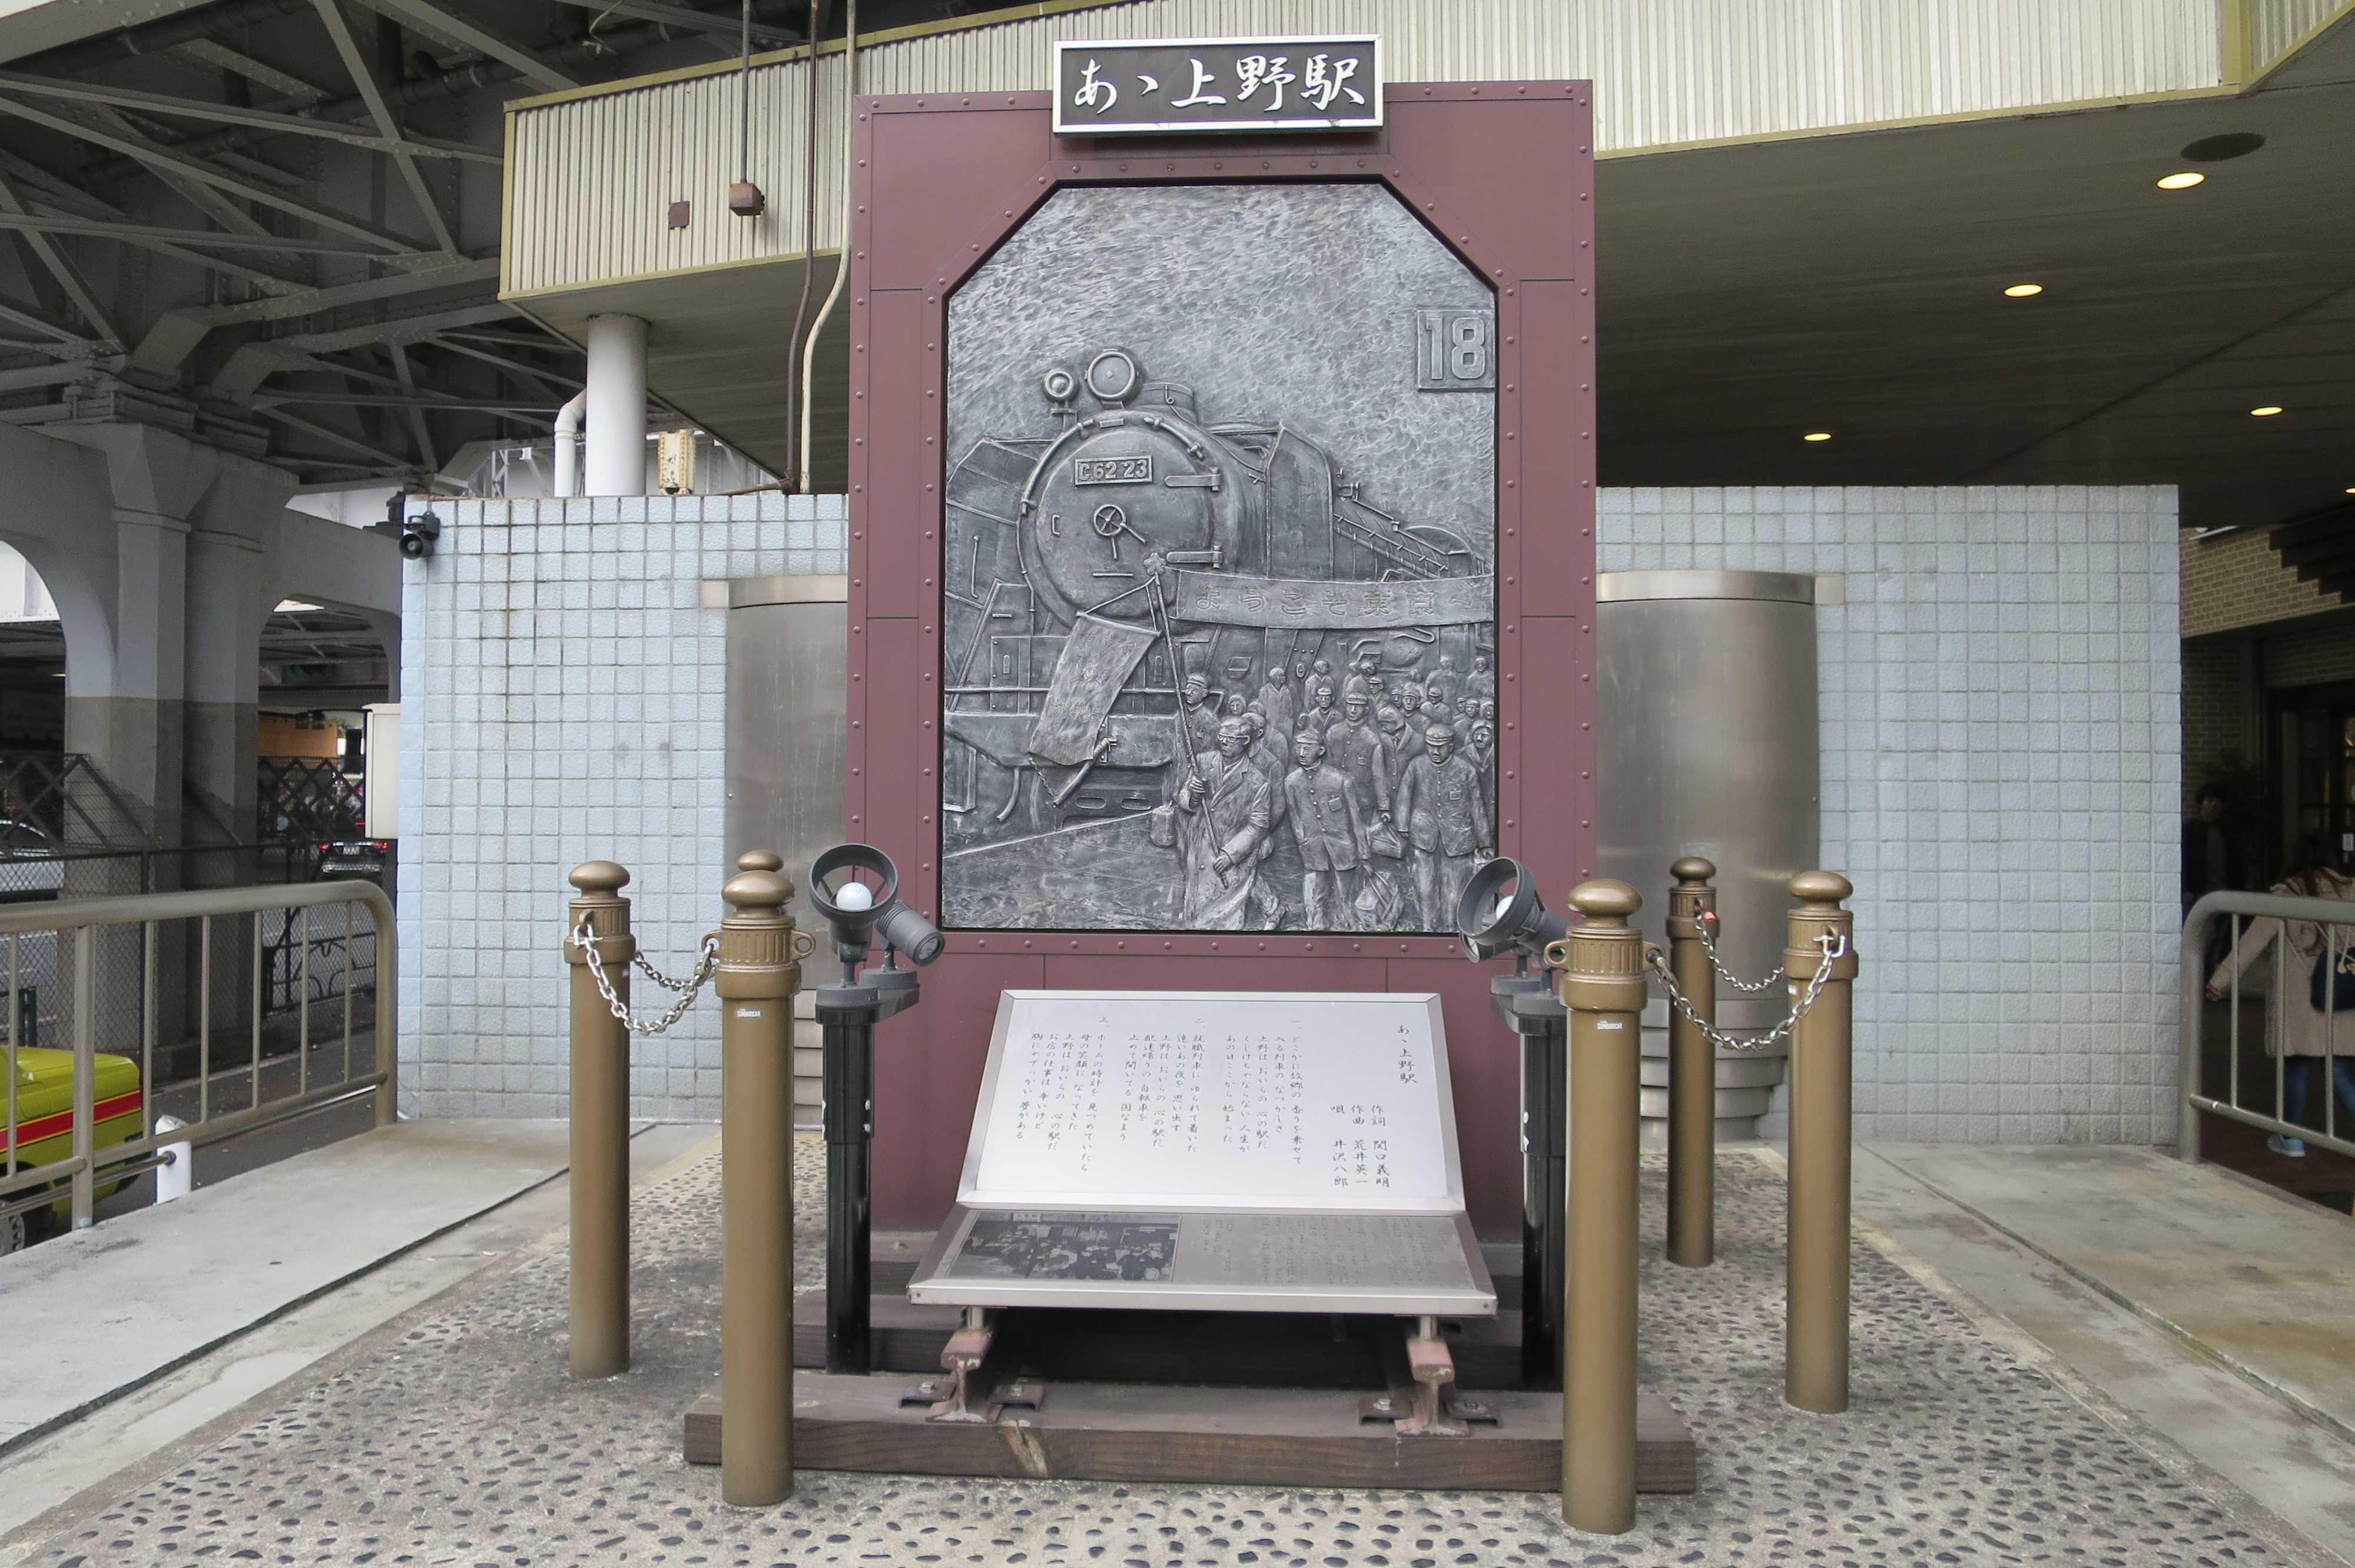 「あゝ上野駅」の歌碑